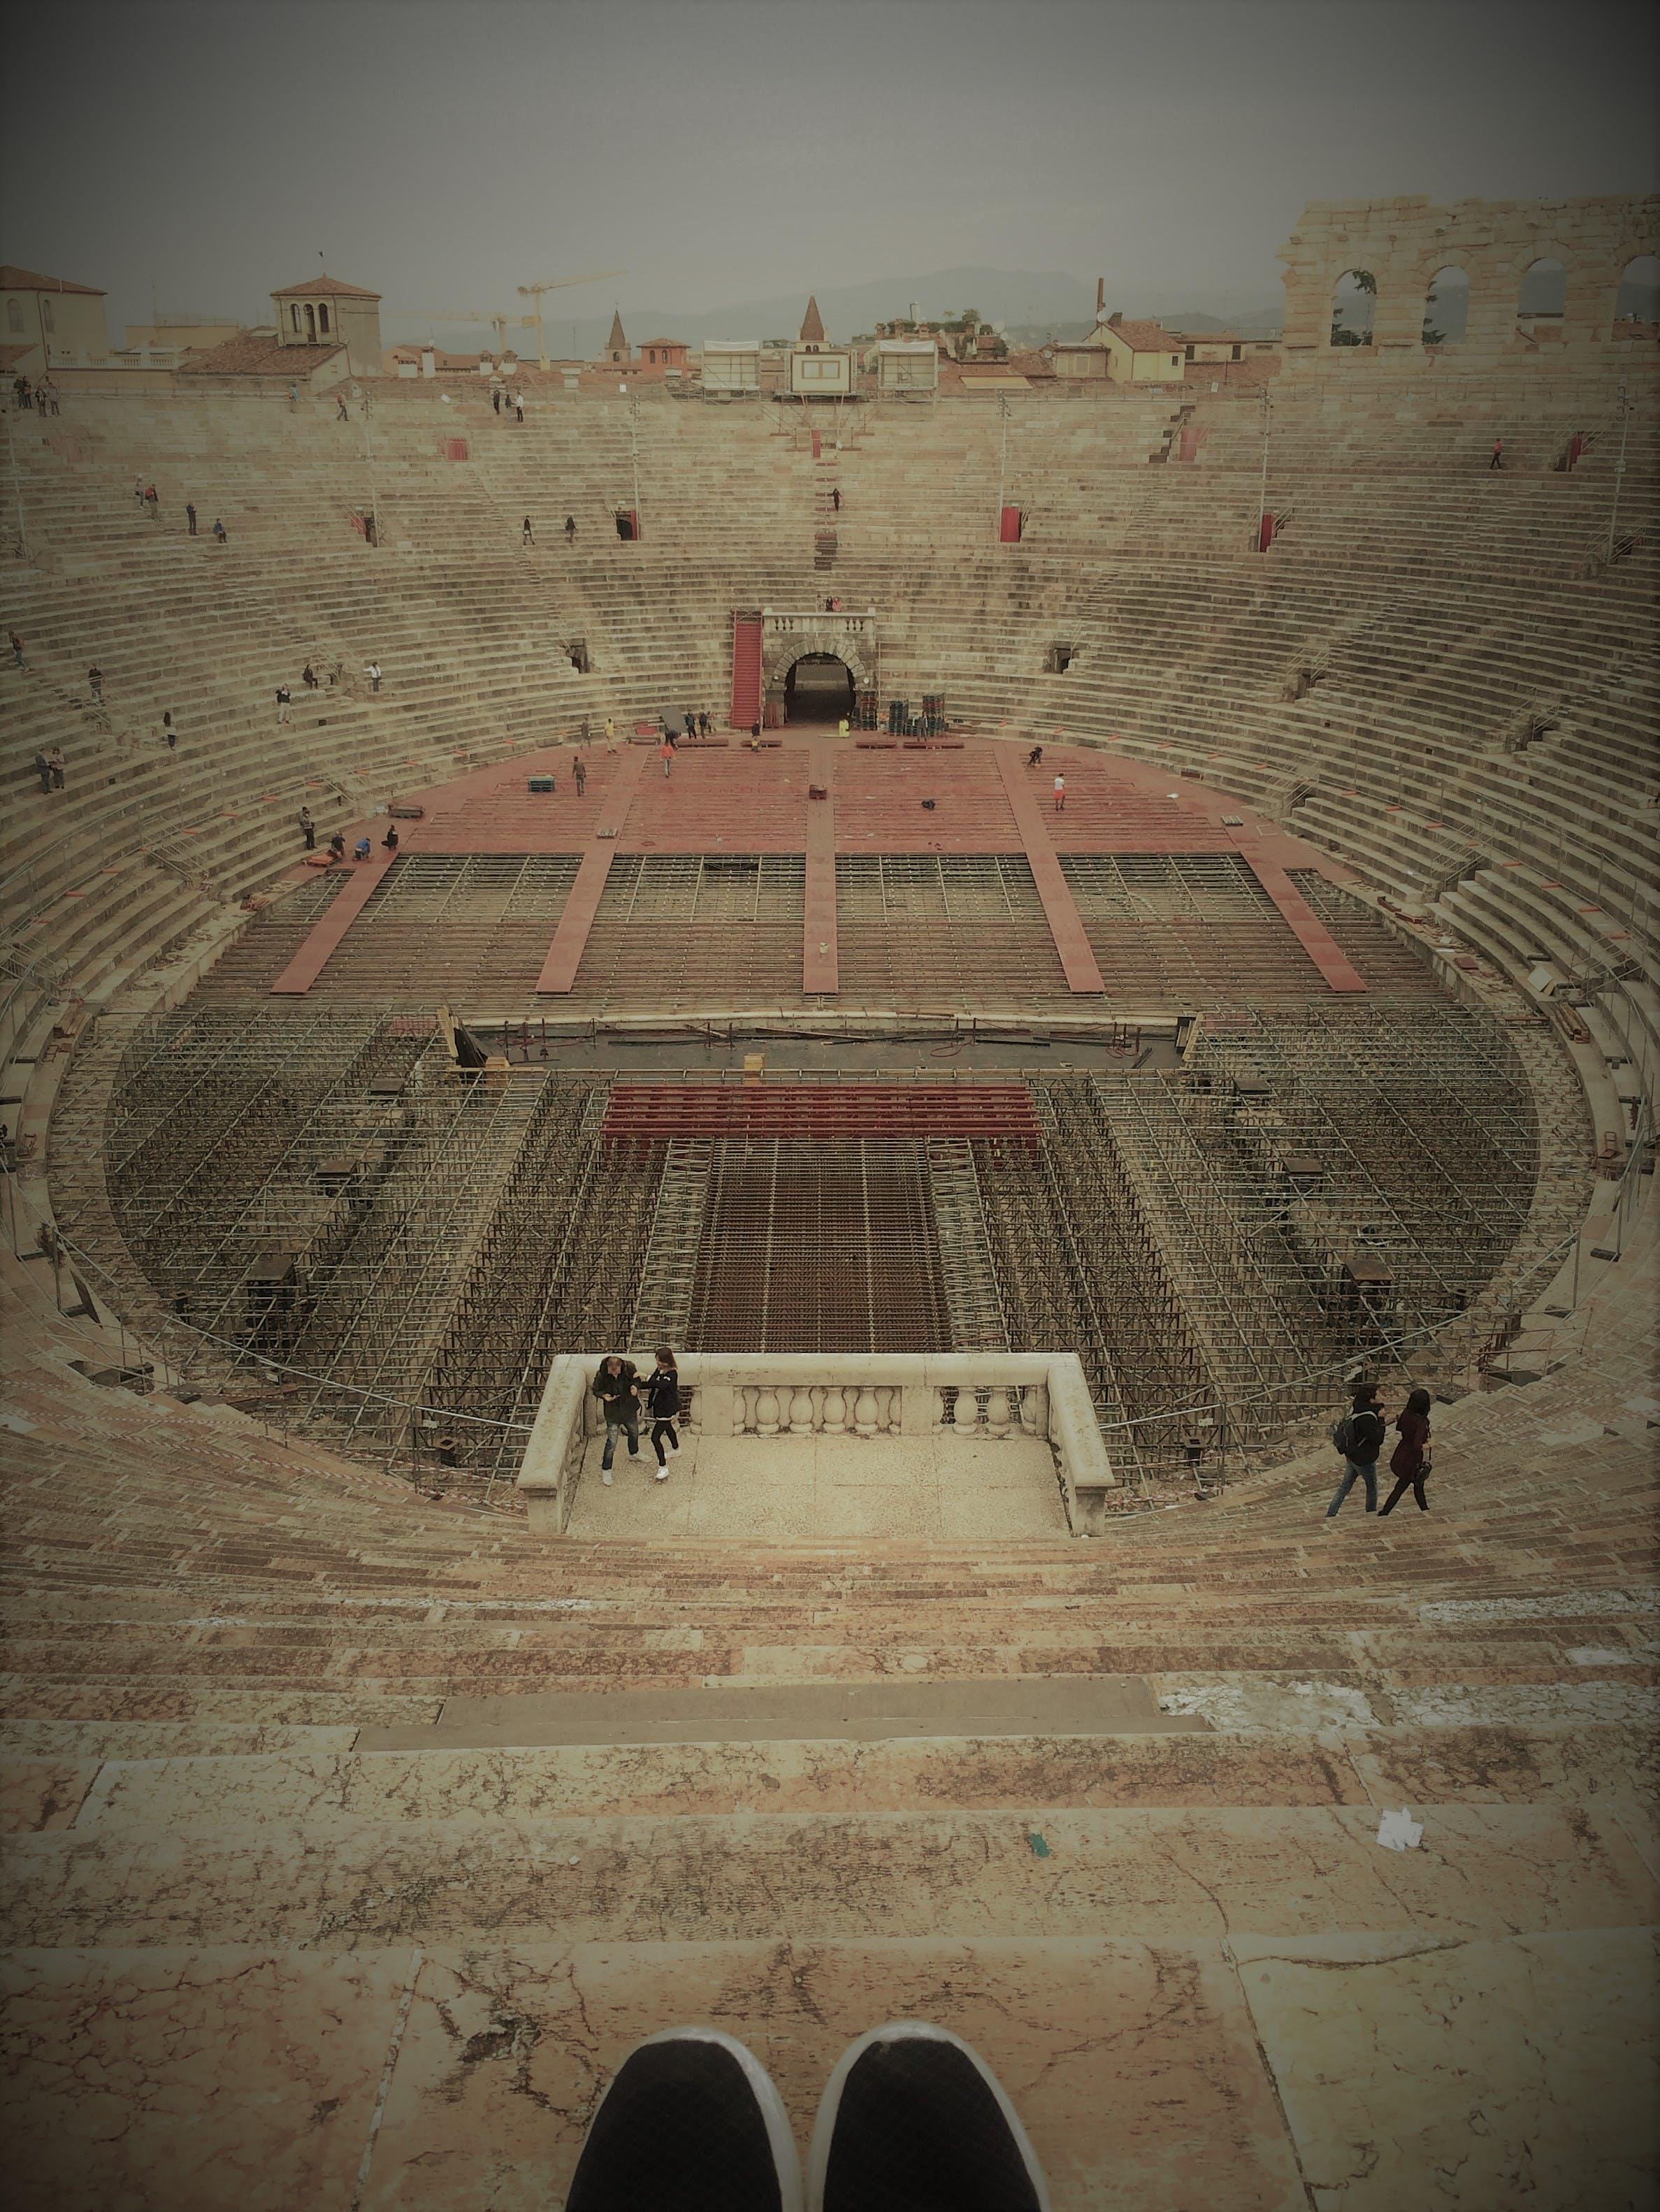 People Walking on Stadium